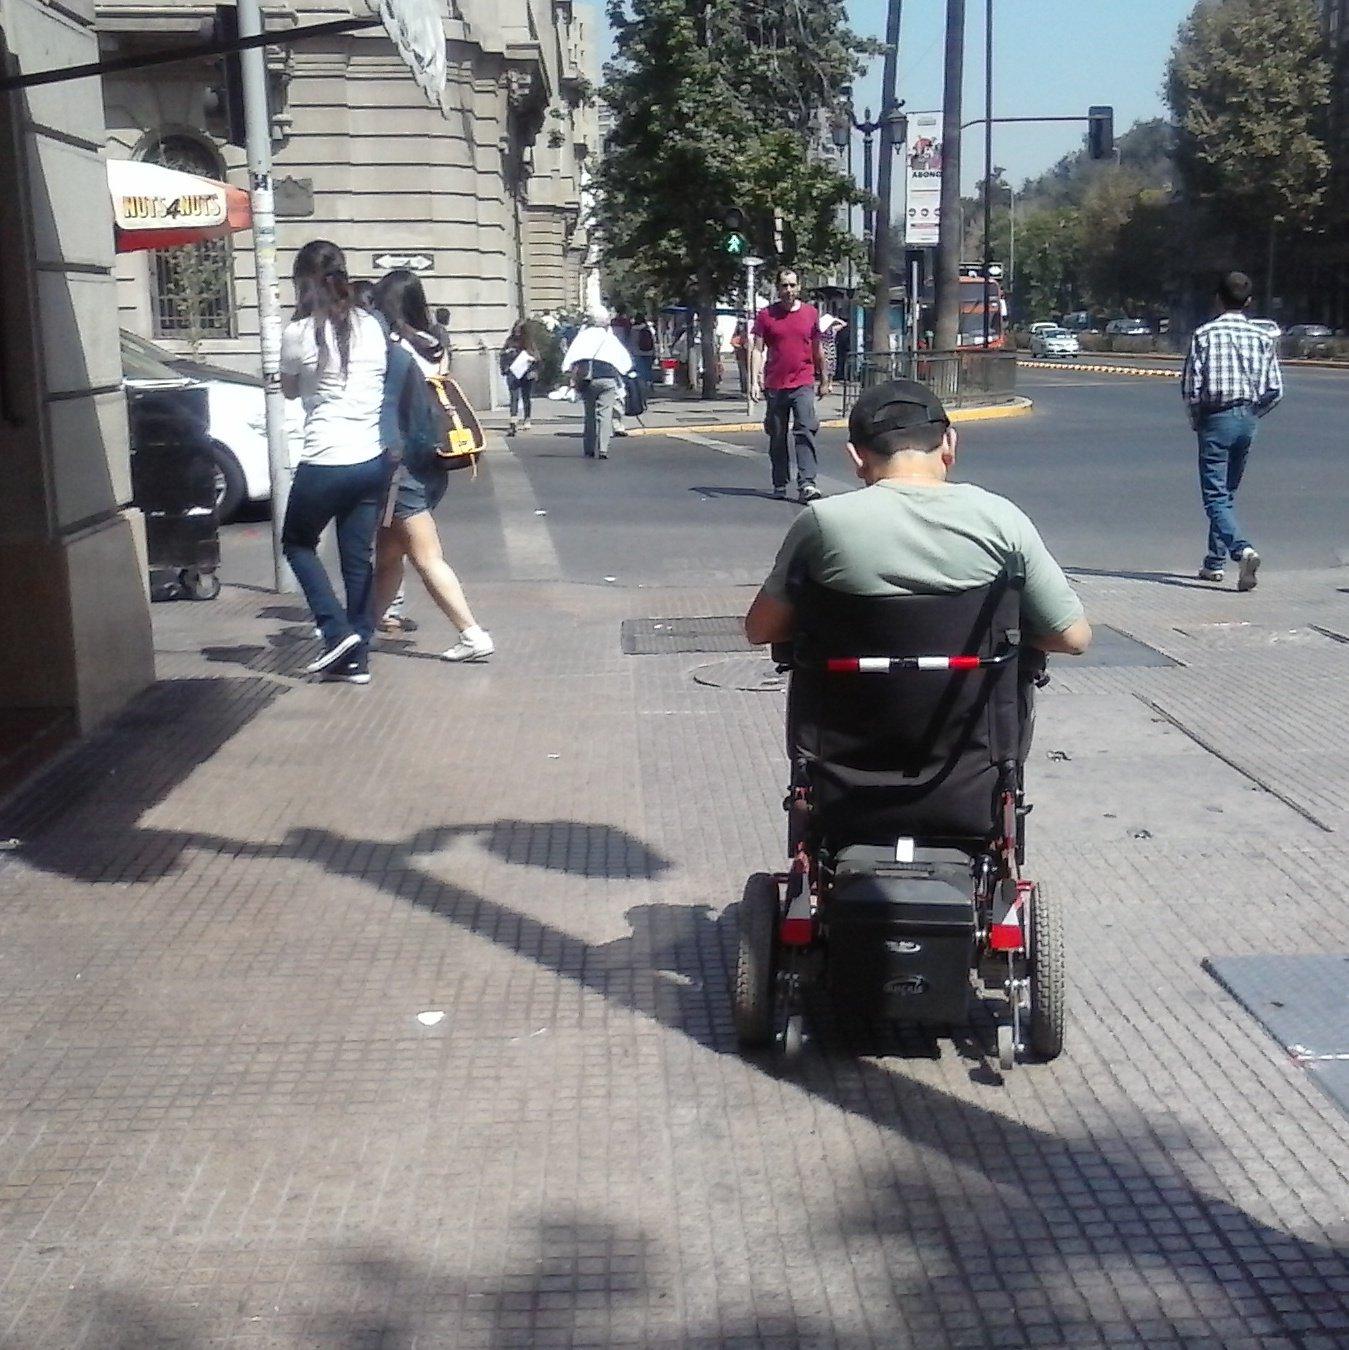 peatón en silla de ruedas circulando por una vereda y enfrentando un cruce